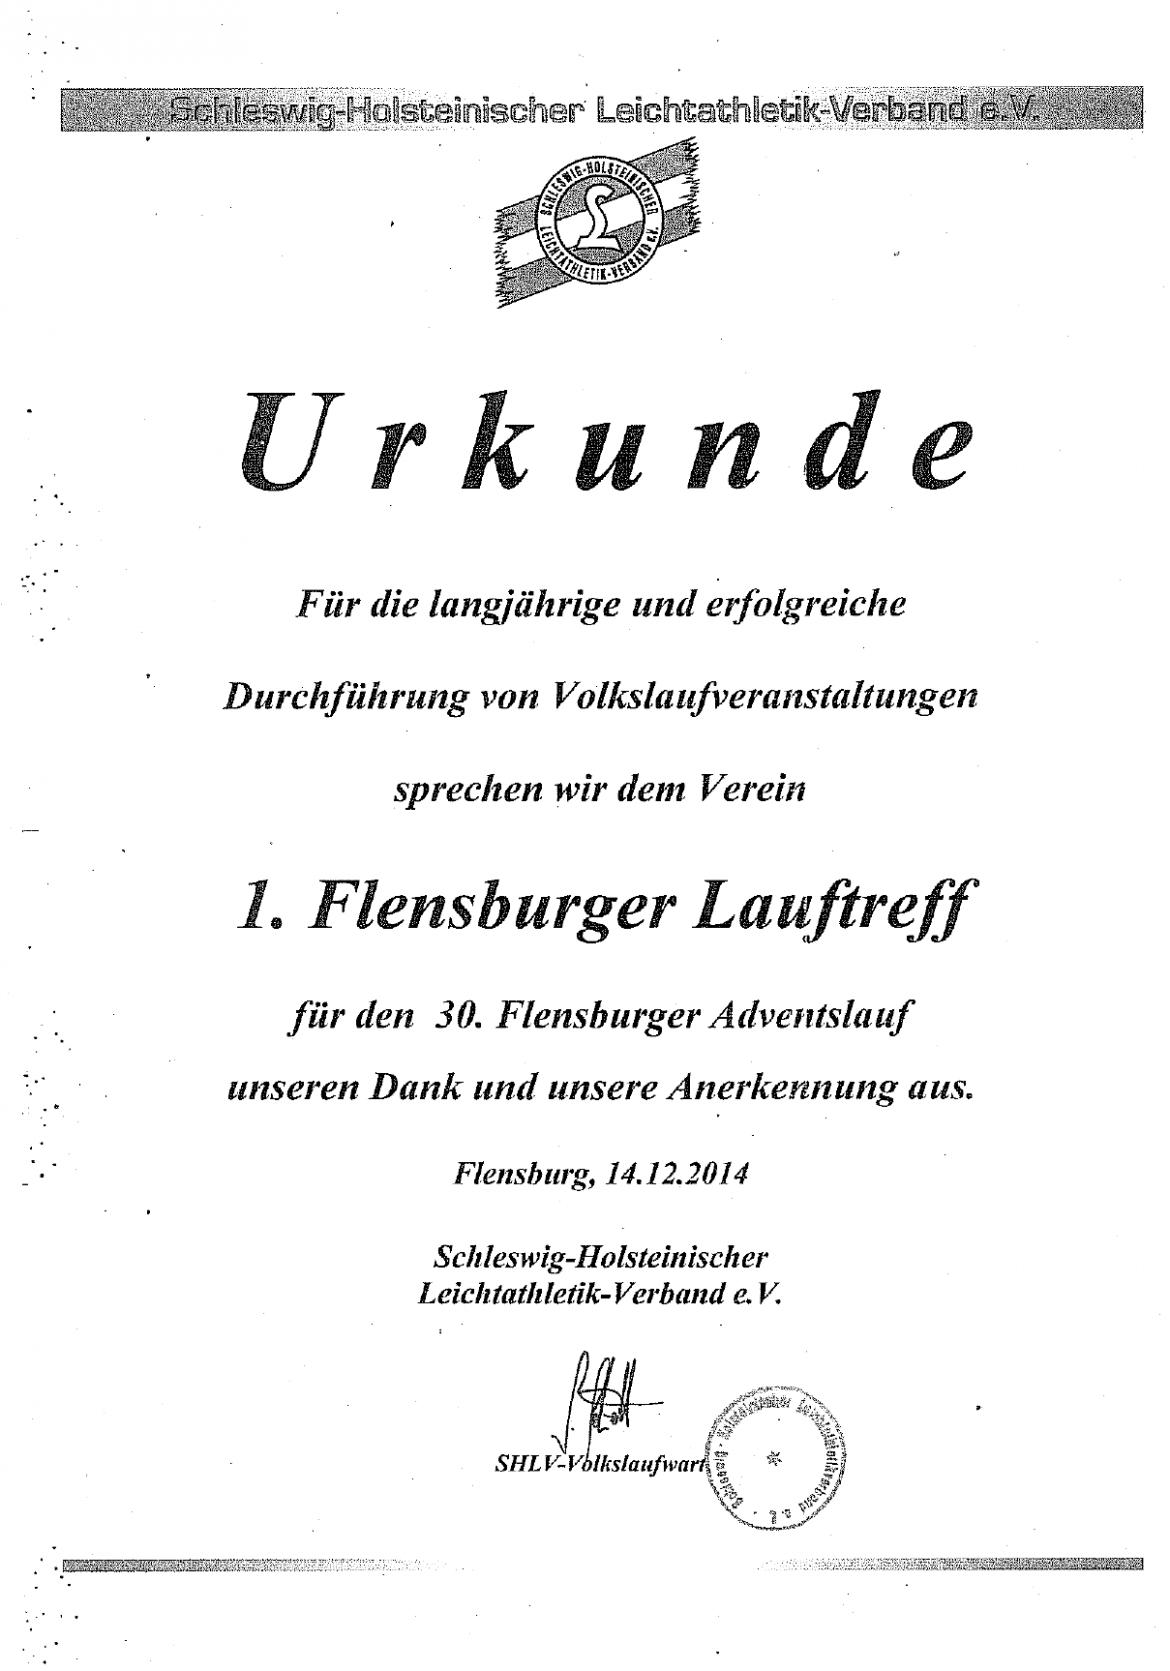 Urkunde vom Schleswig-Holsteinischen Leichtathletikverband